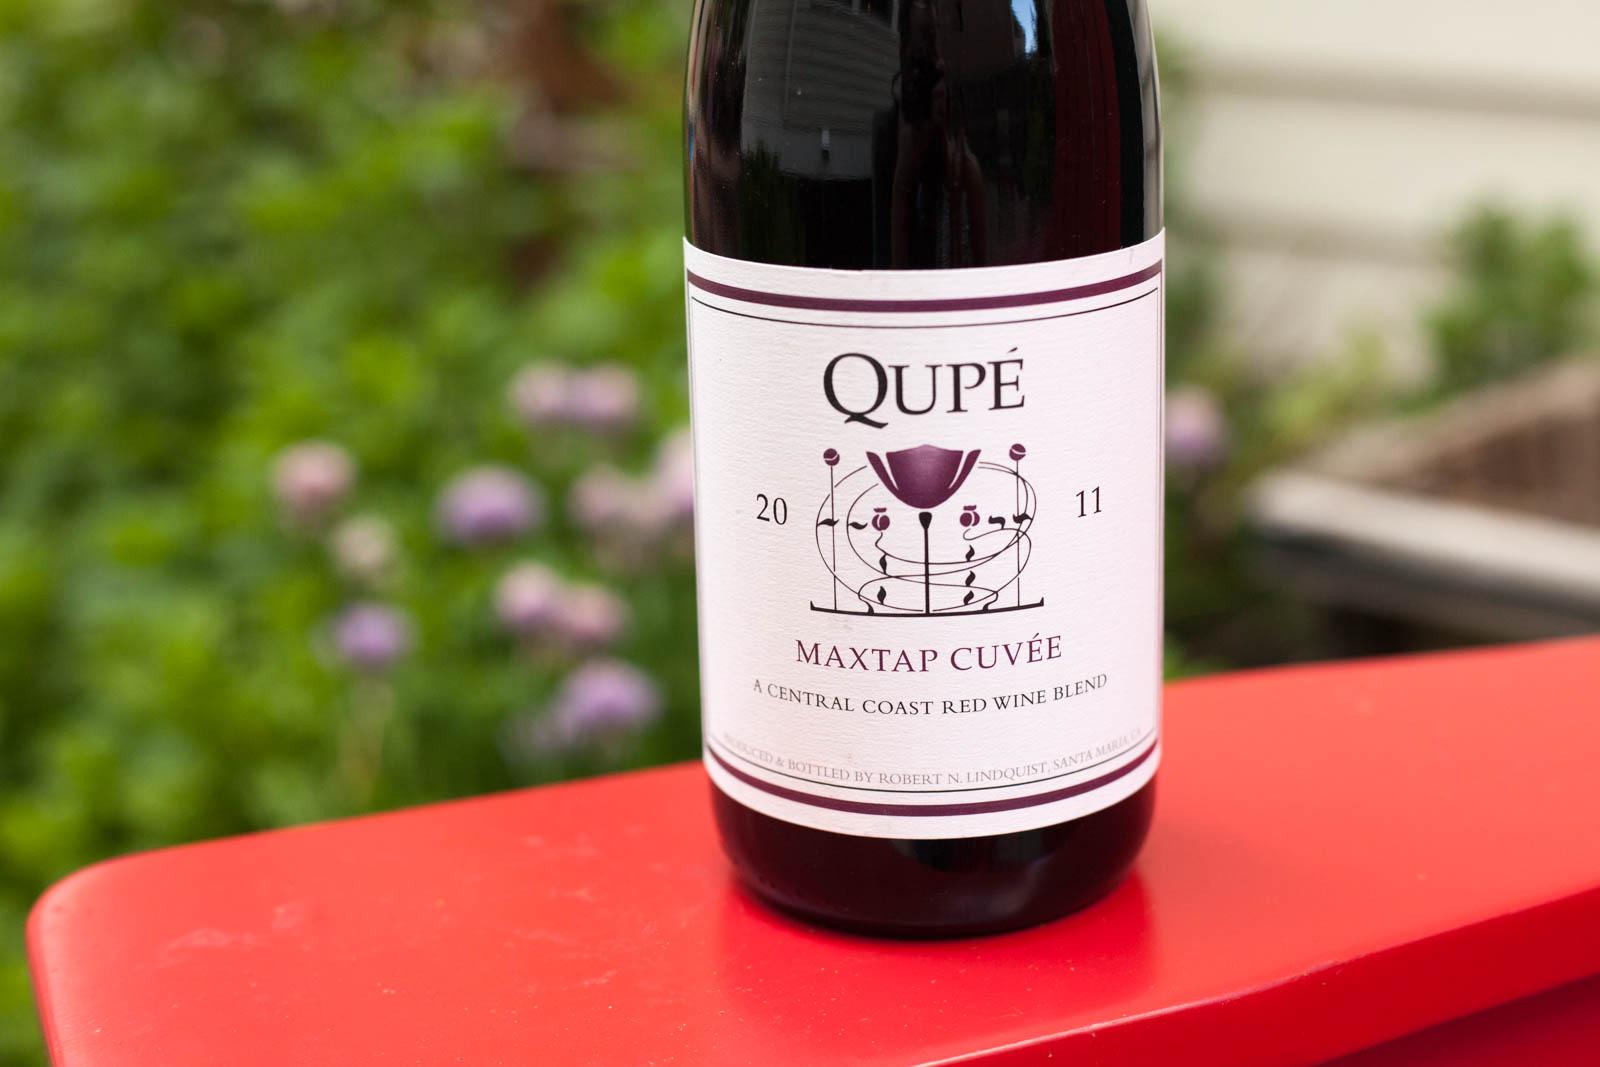 2011 Qupé Maxtap Cuvée